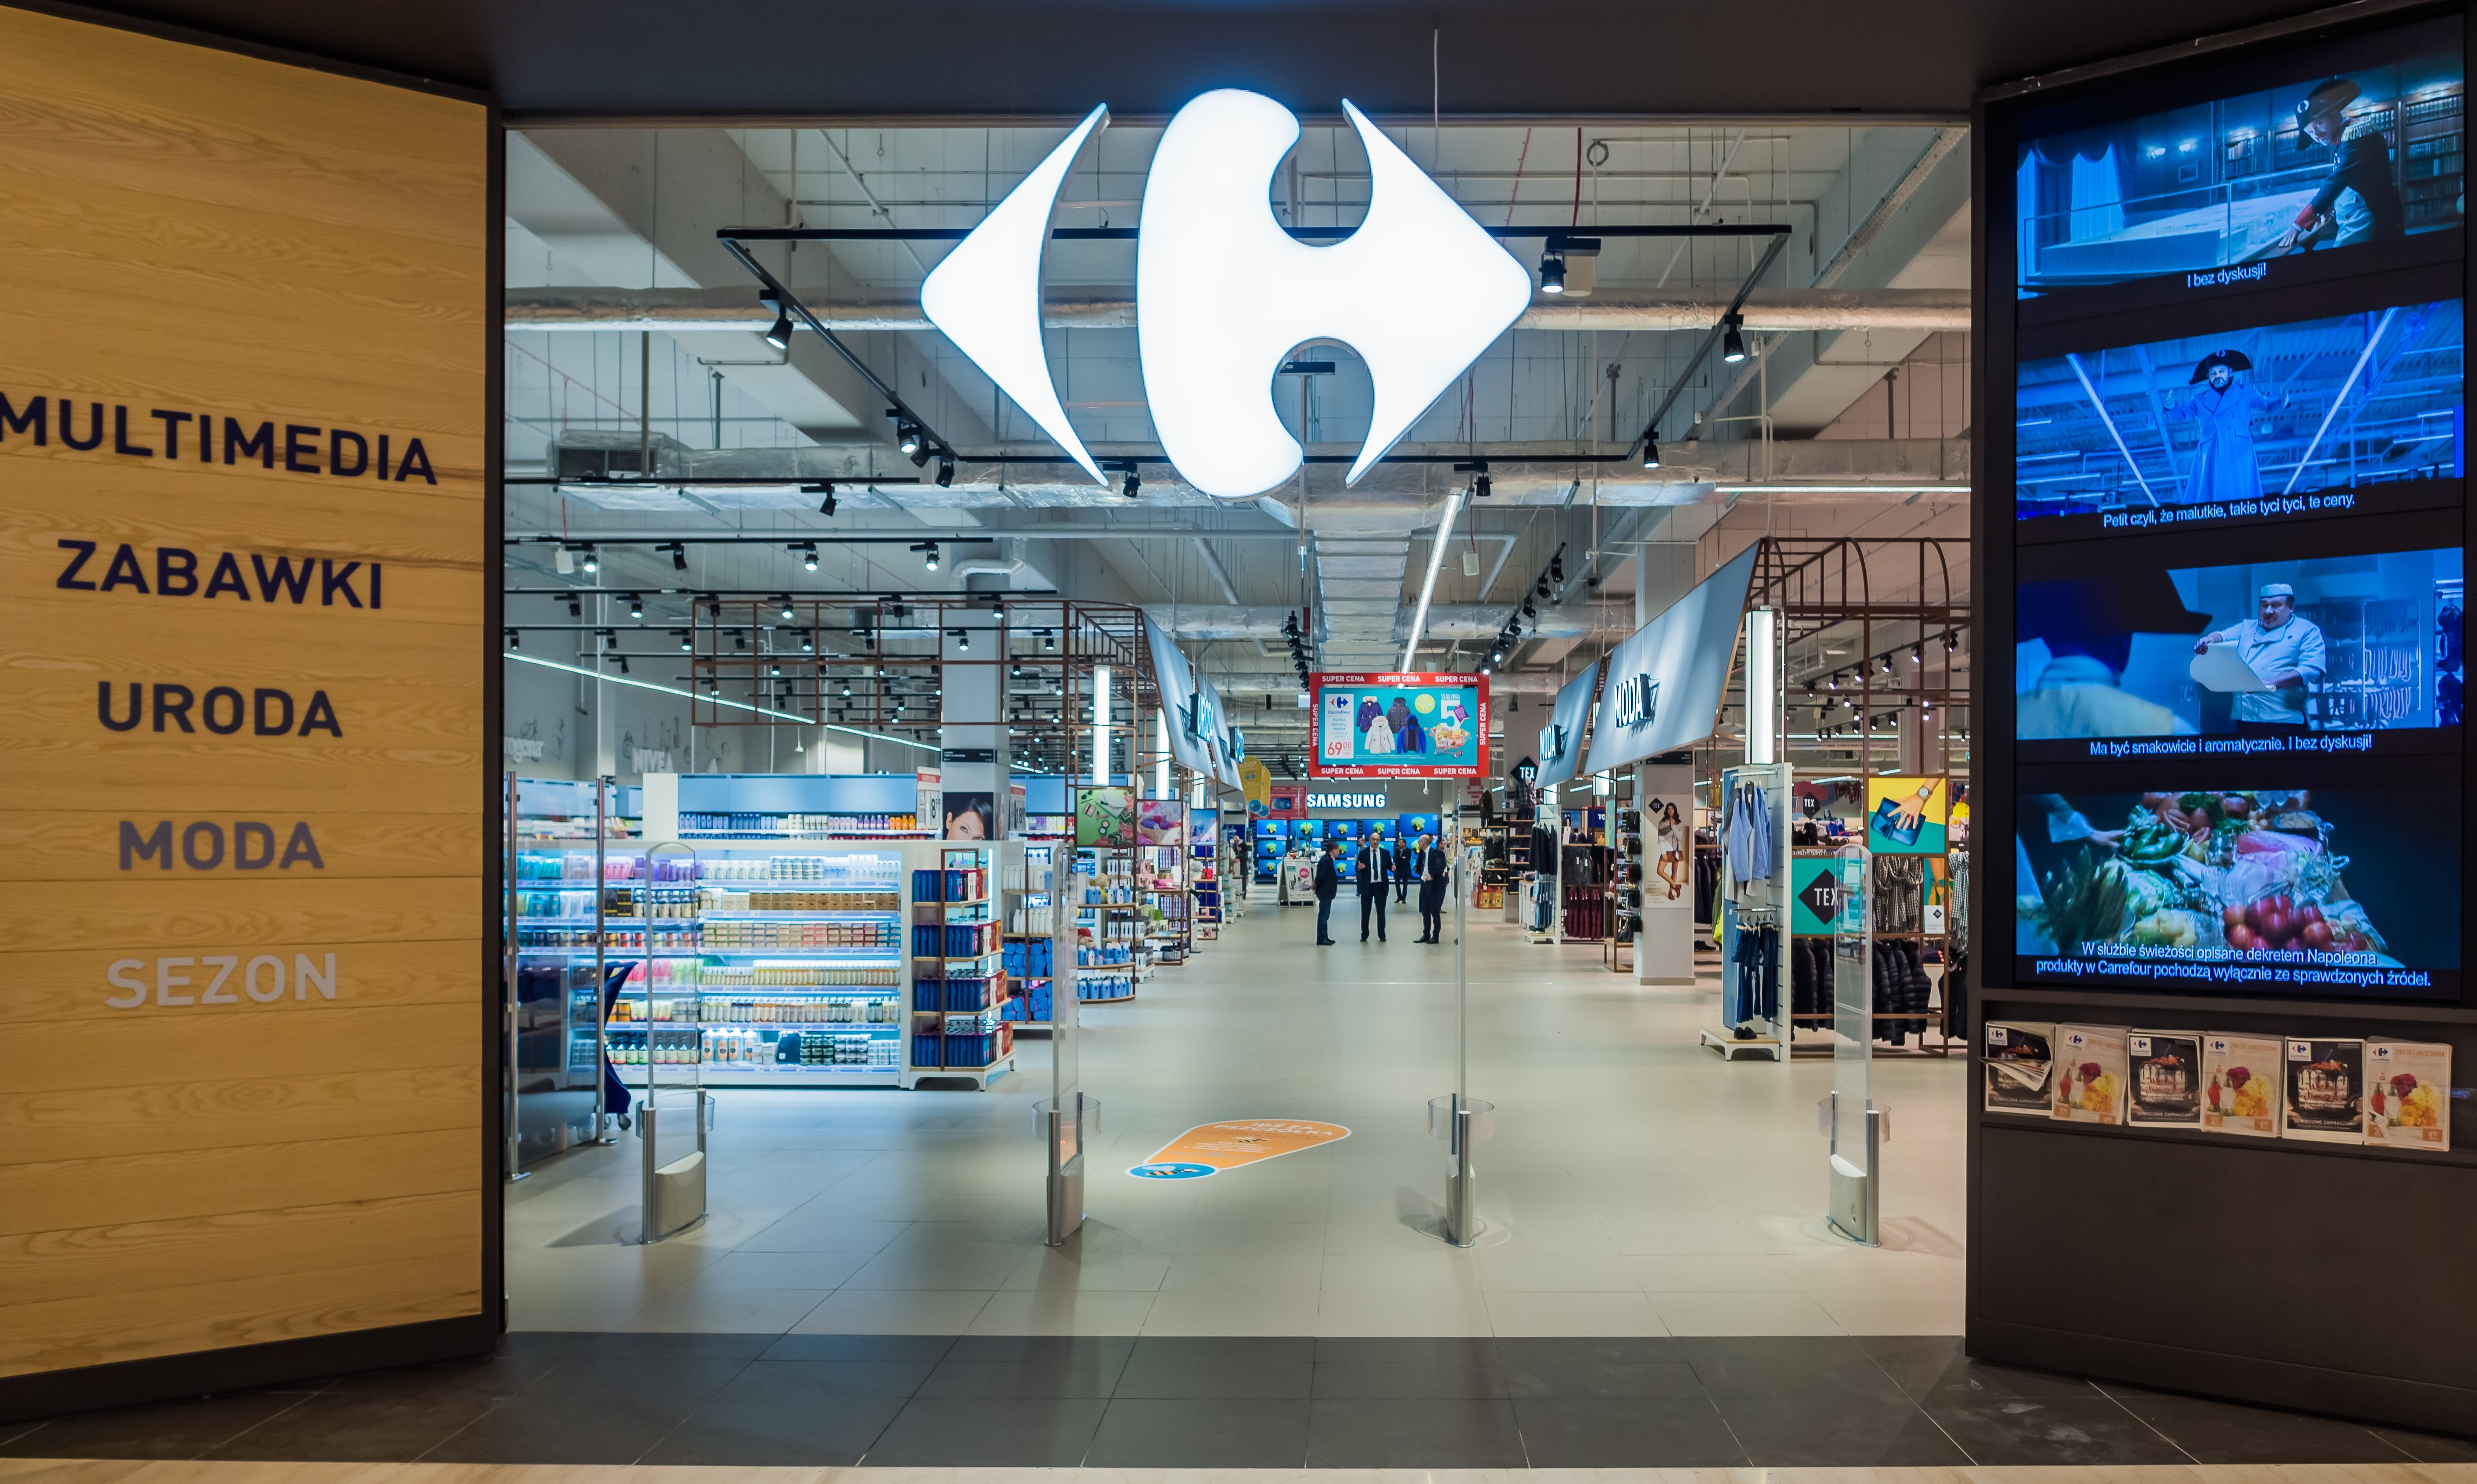 Bezpieczeństwo sanitarno-epidemiologiczne w Carrefour: trwają niezależne audyty